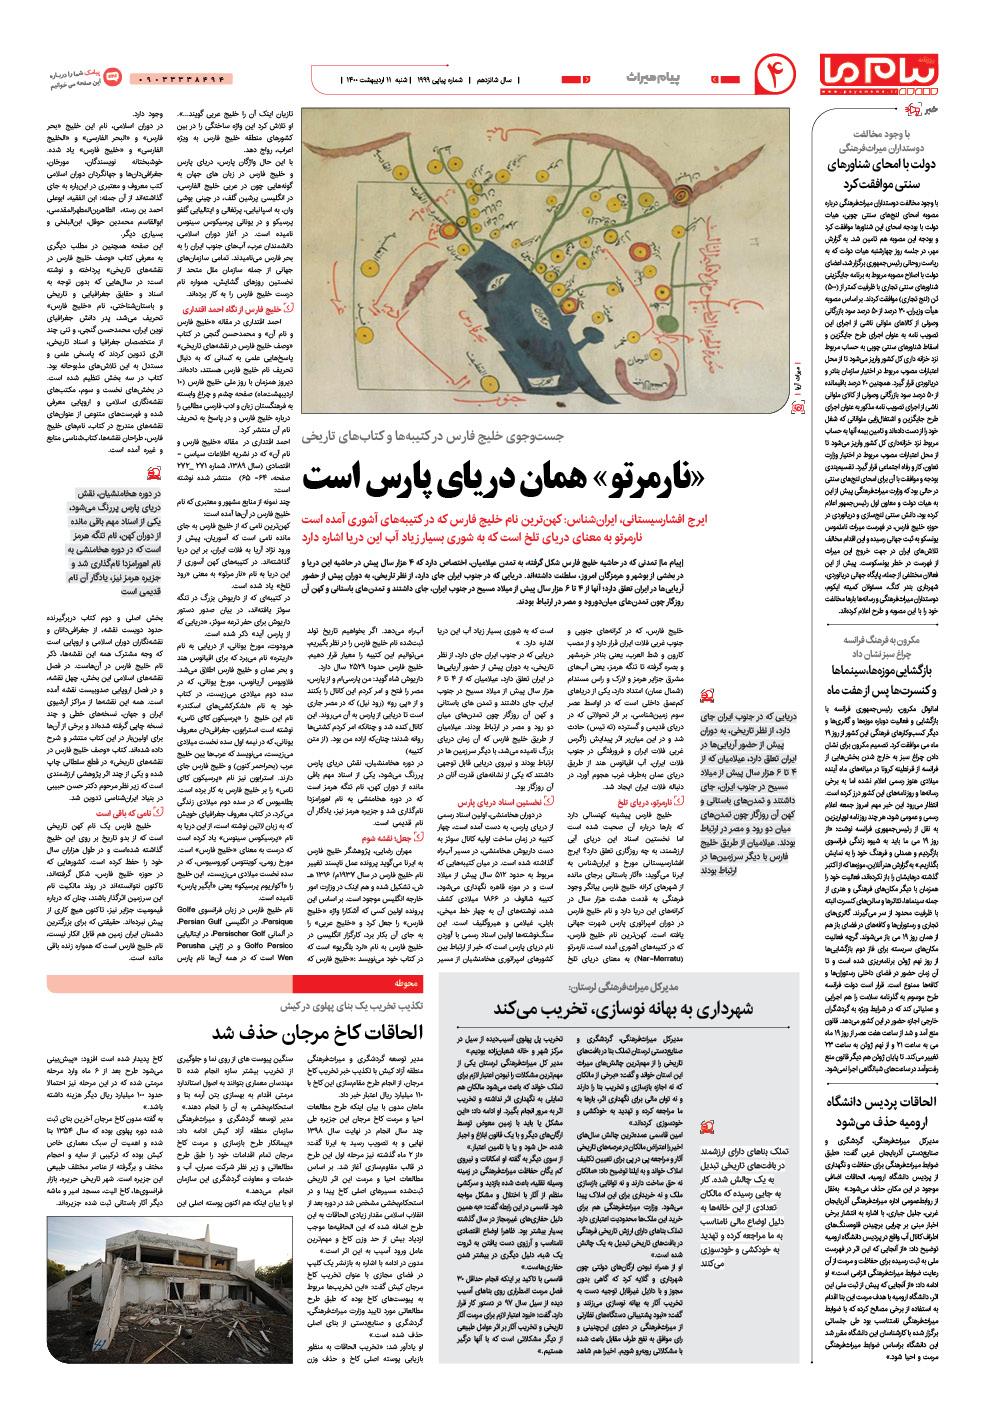 صفحه پیام میراث شماره ۱۹۹۹ روزنامه پیام ما